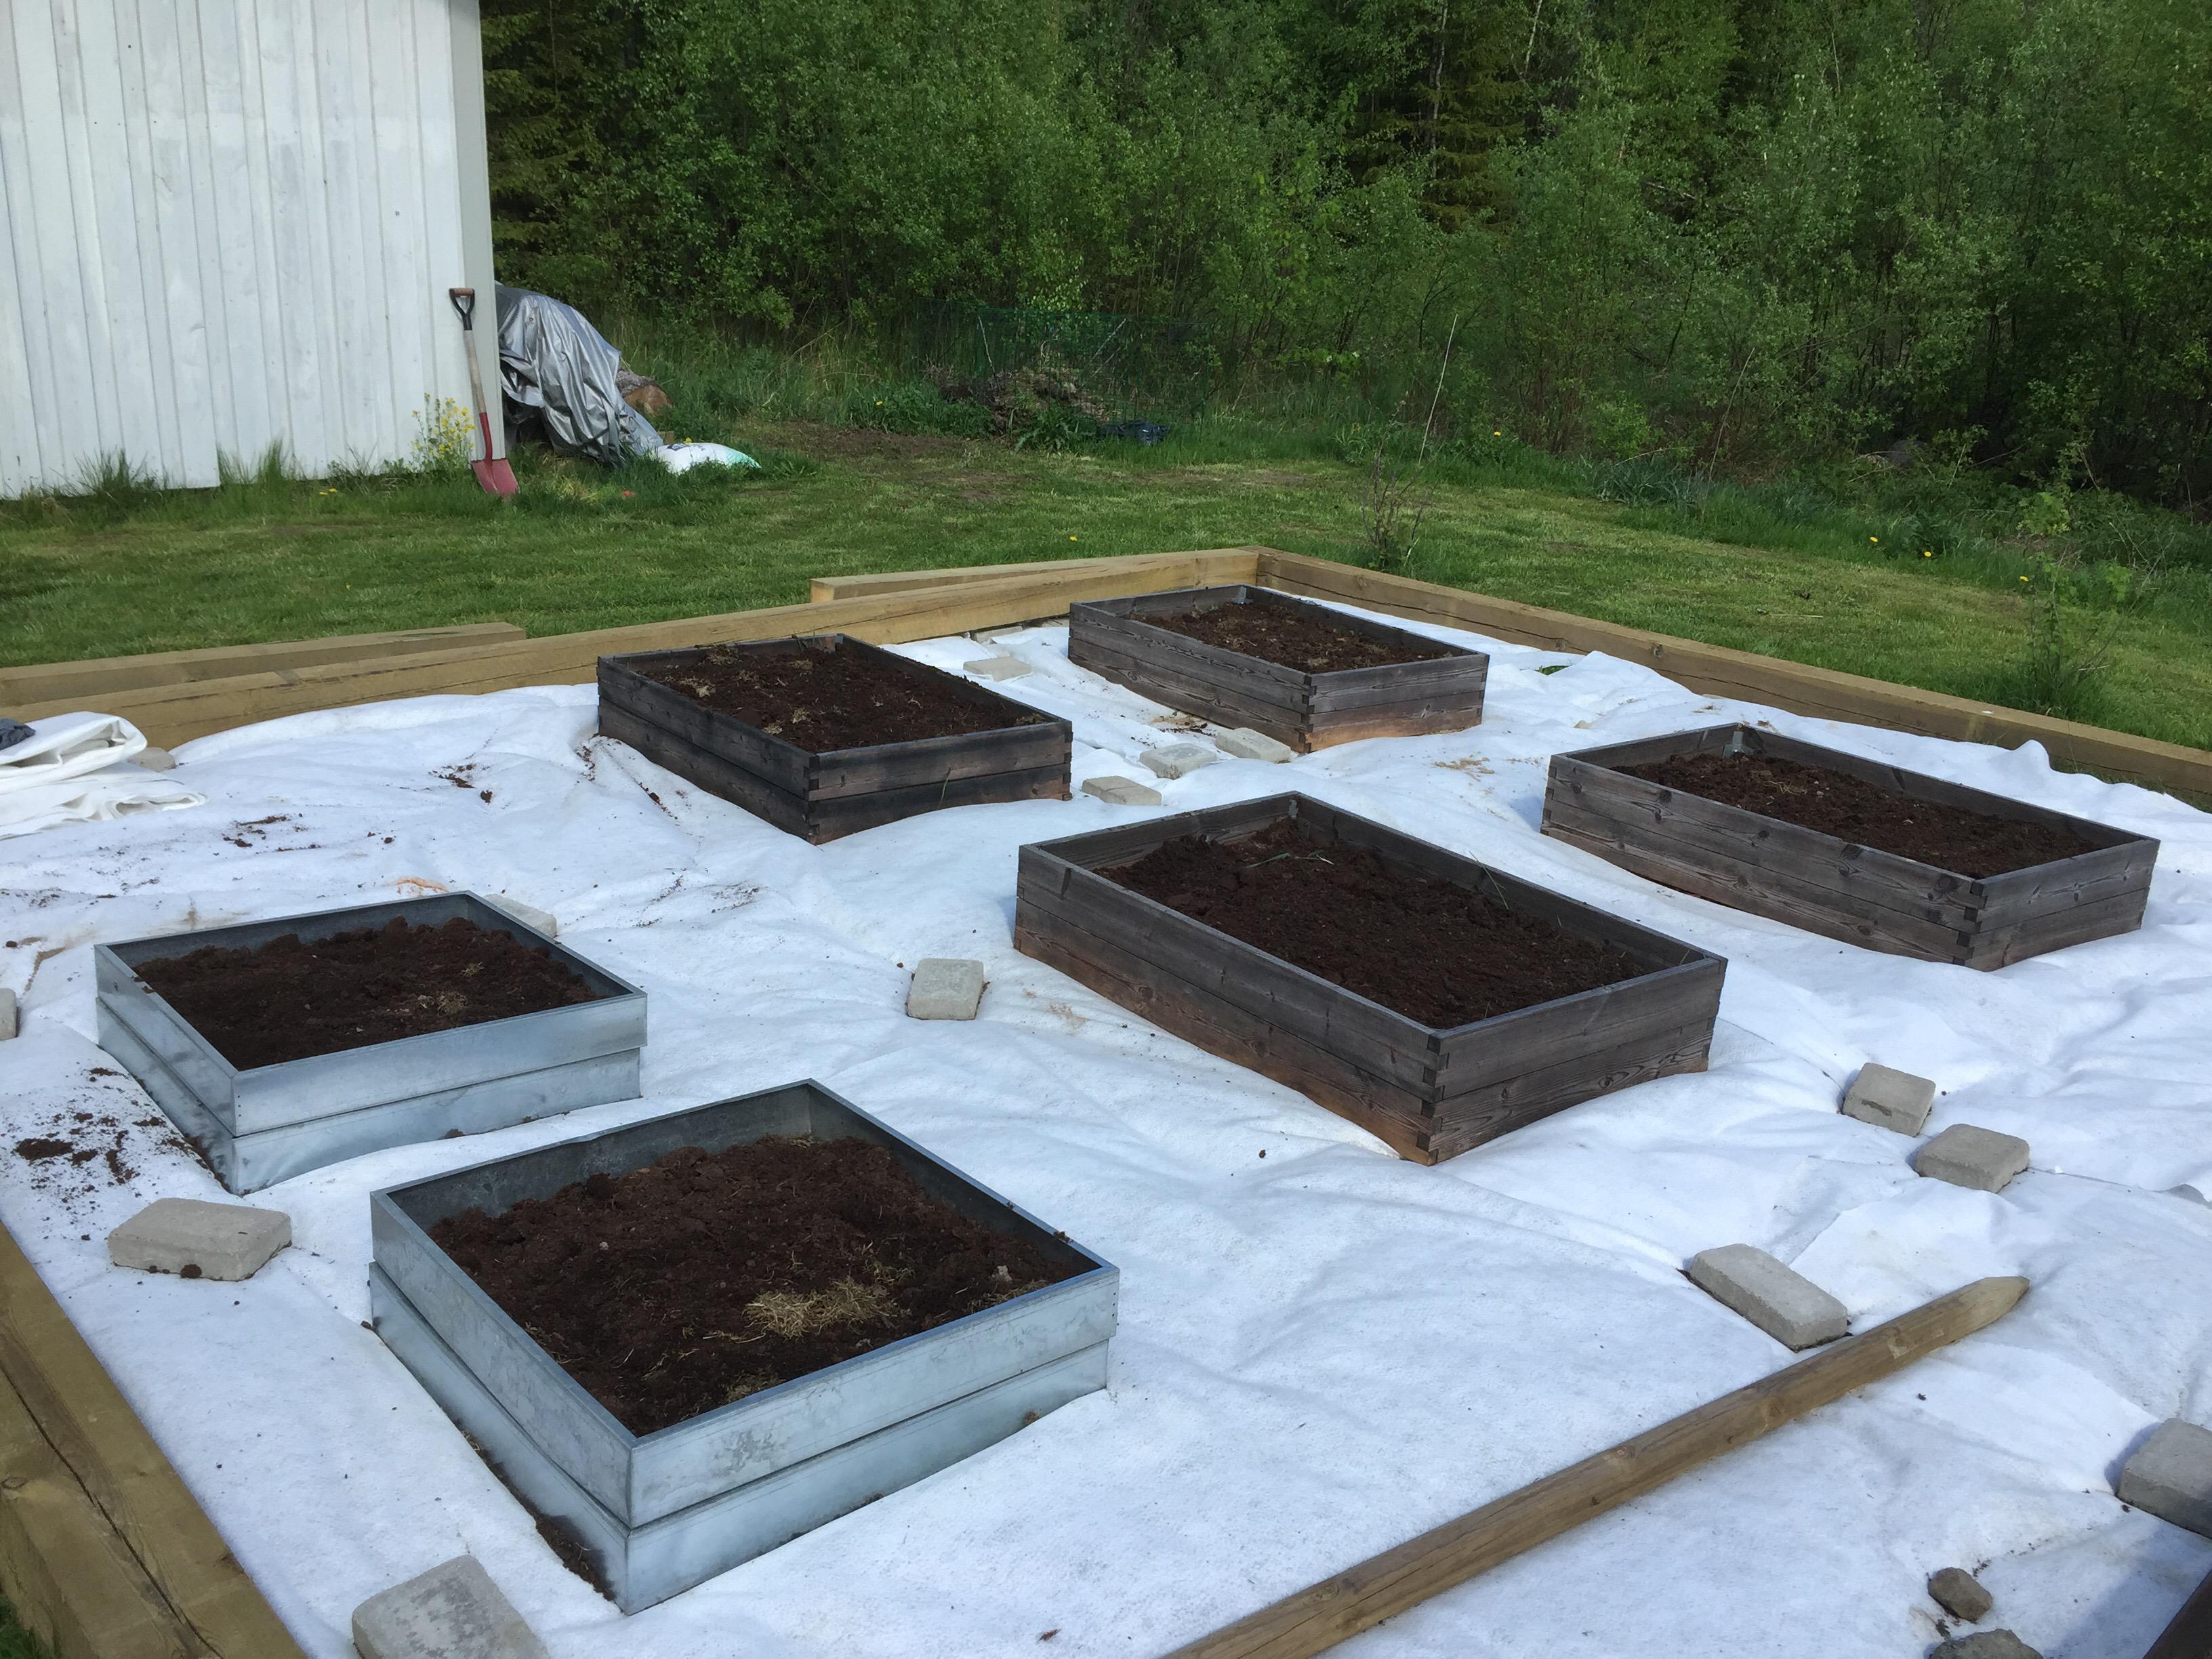 pallkragar hasselfors stockar odling trädgård markduk